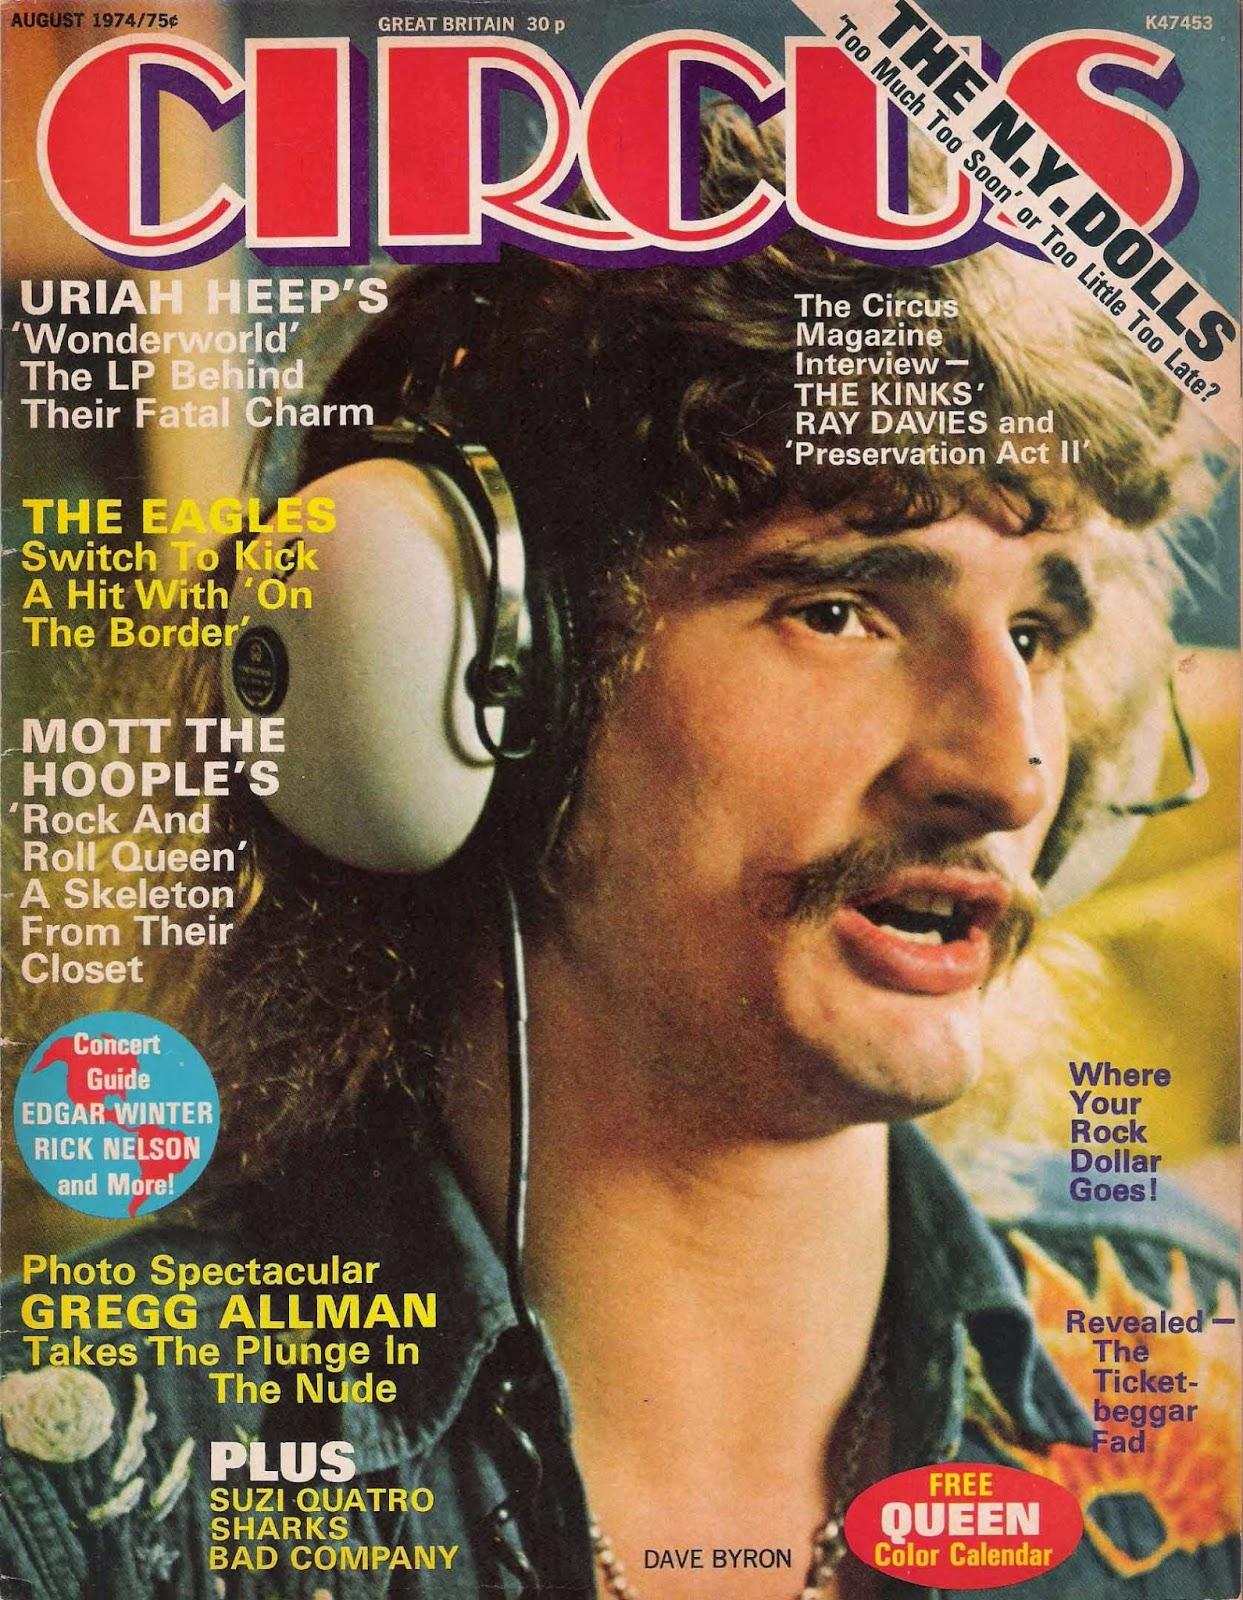 RECORTES DE PRENSA - Página 4 Circus_august_1974